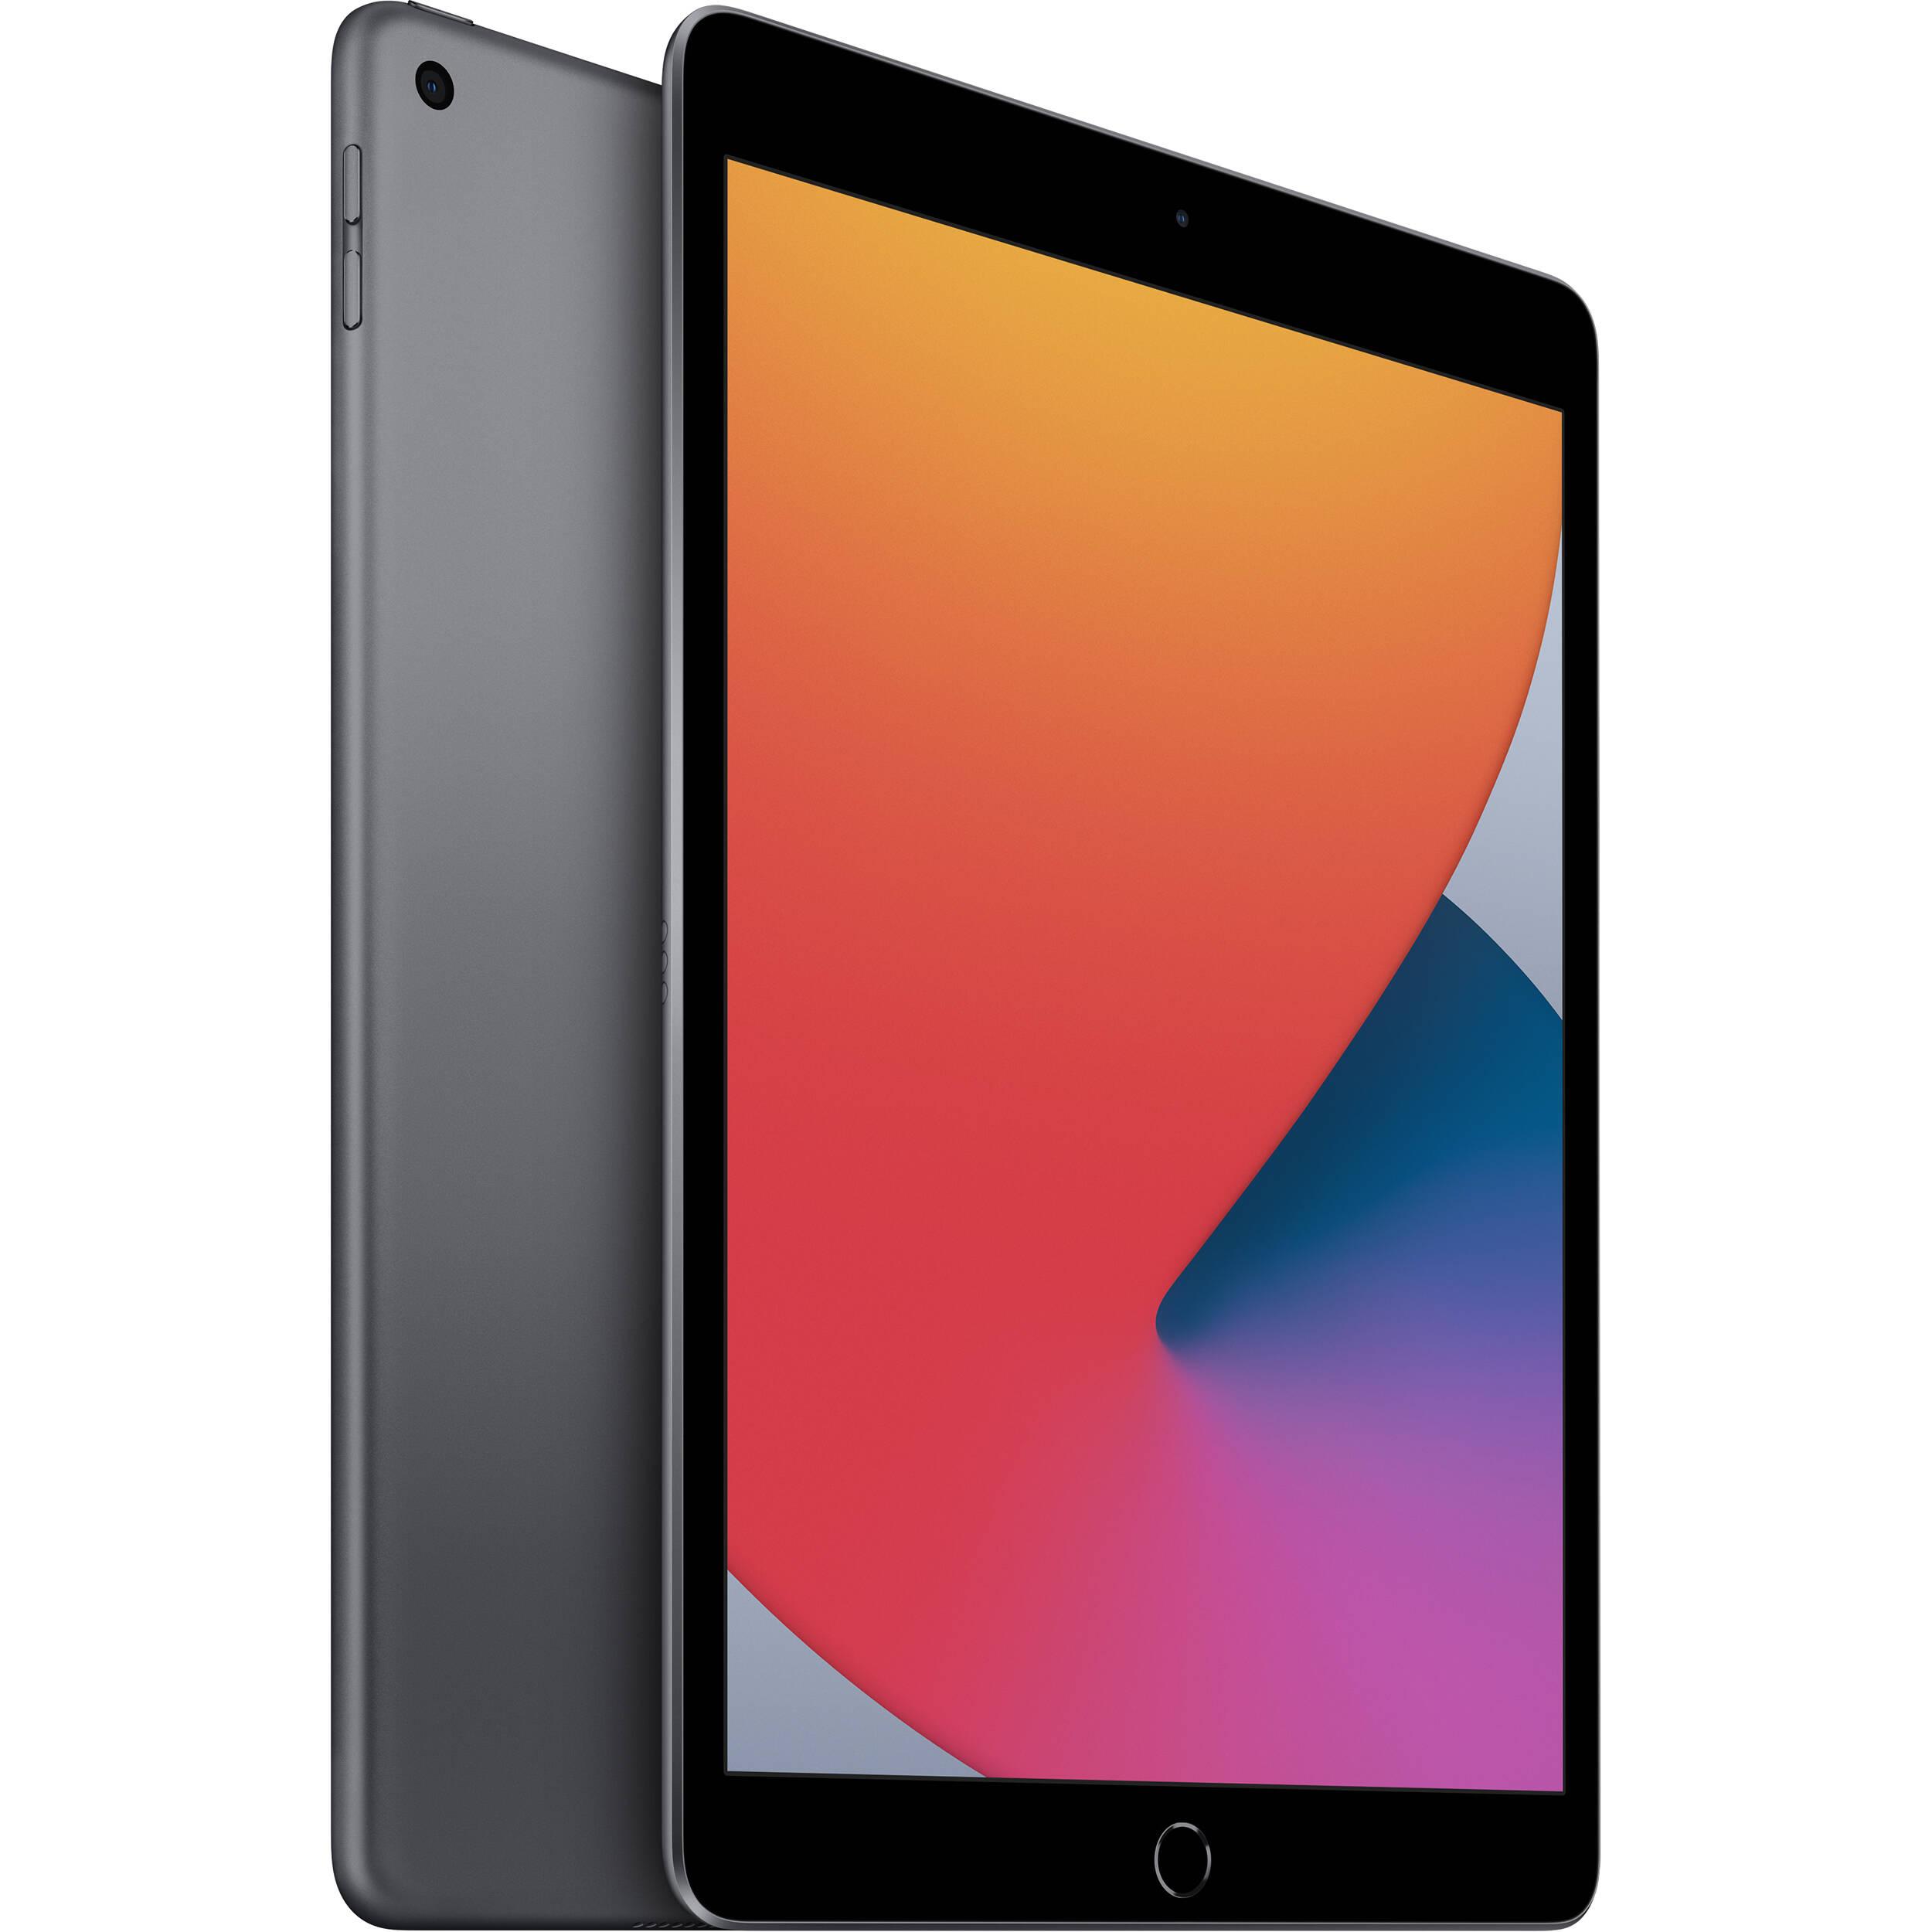 تبلت اپل مدل iPad 10.2 inch 2020 4G/LTE ظرفیت 128 گیگابایت  main 1 1